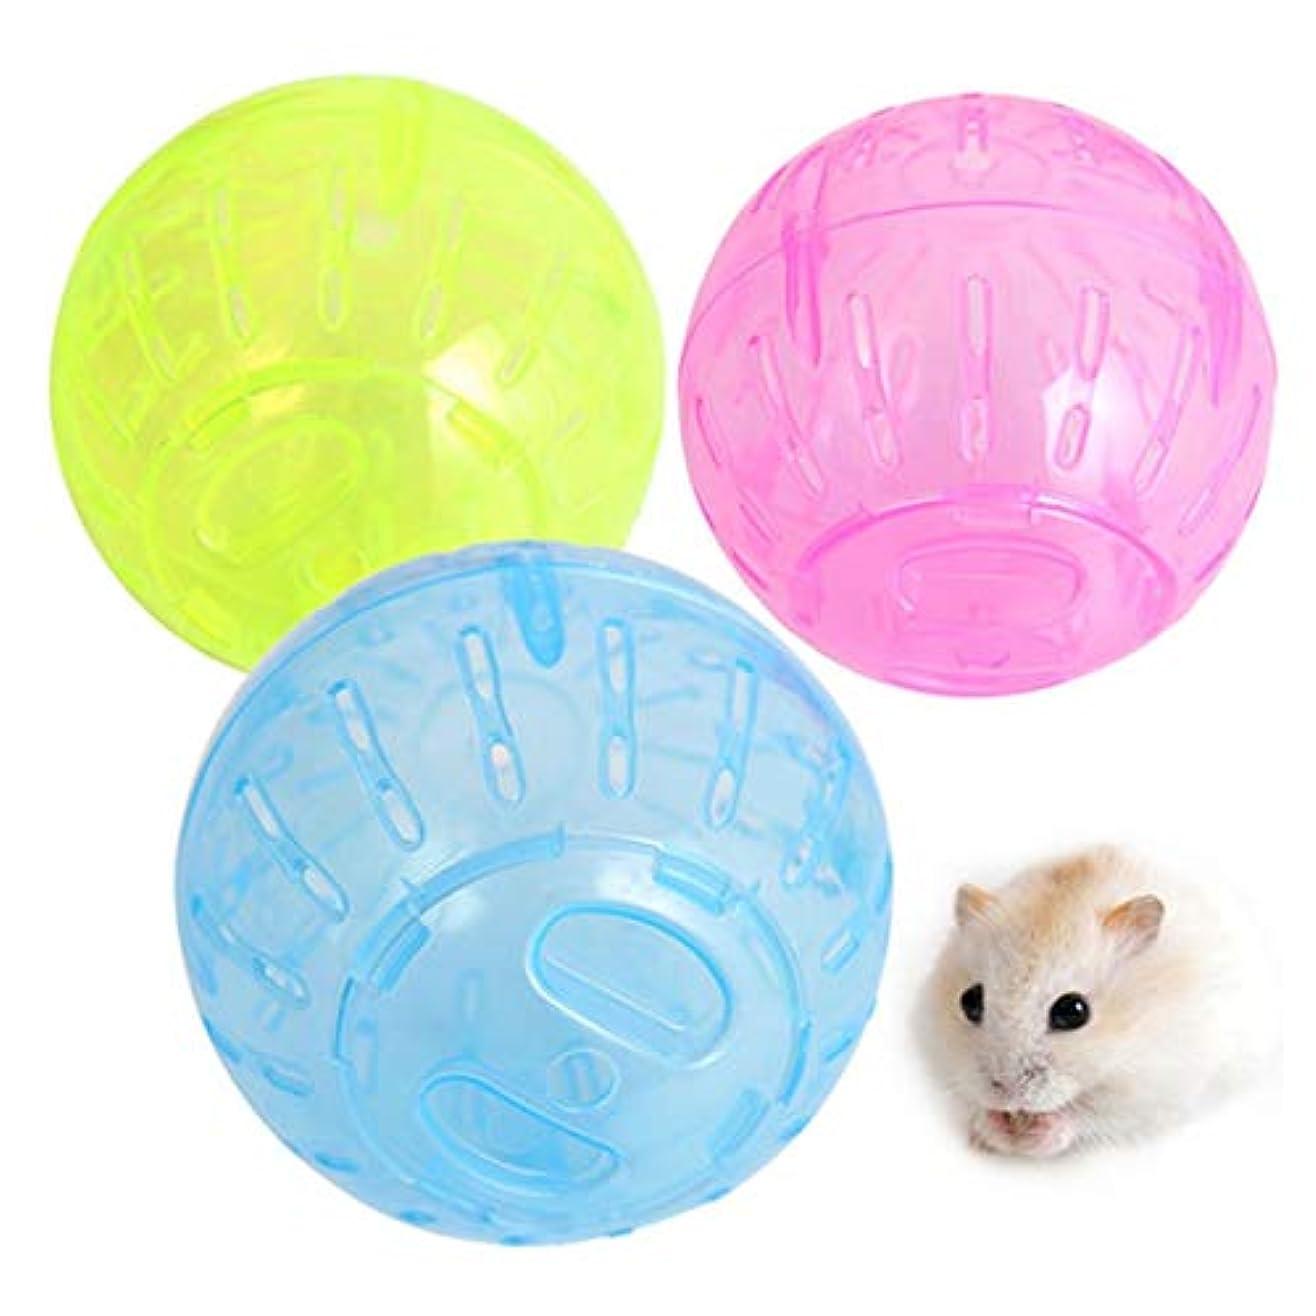 手数料マント生むペット用品 ペット小玩具ハムスター·ランニング·ボール、ランダム·カラー·デリバリー、サイズ:直径:10cm ペットのおもちゃ